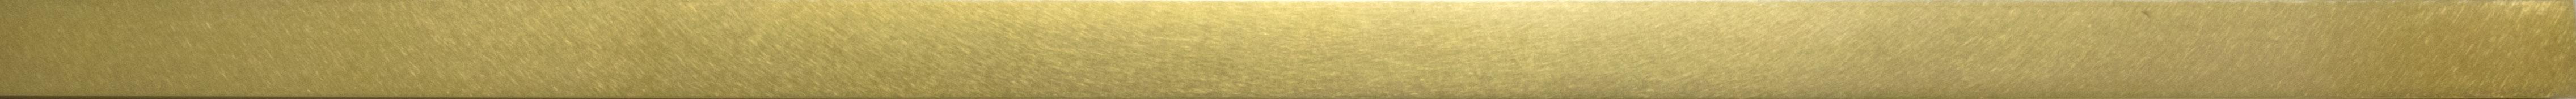 Hepburn Brass